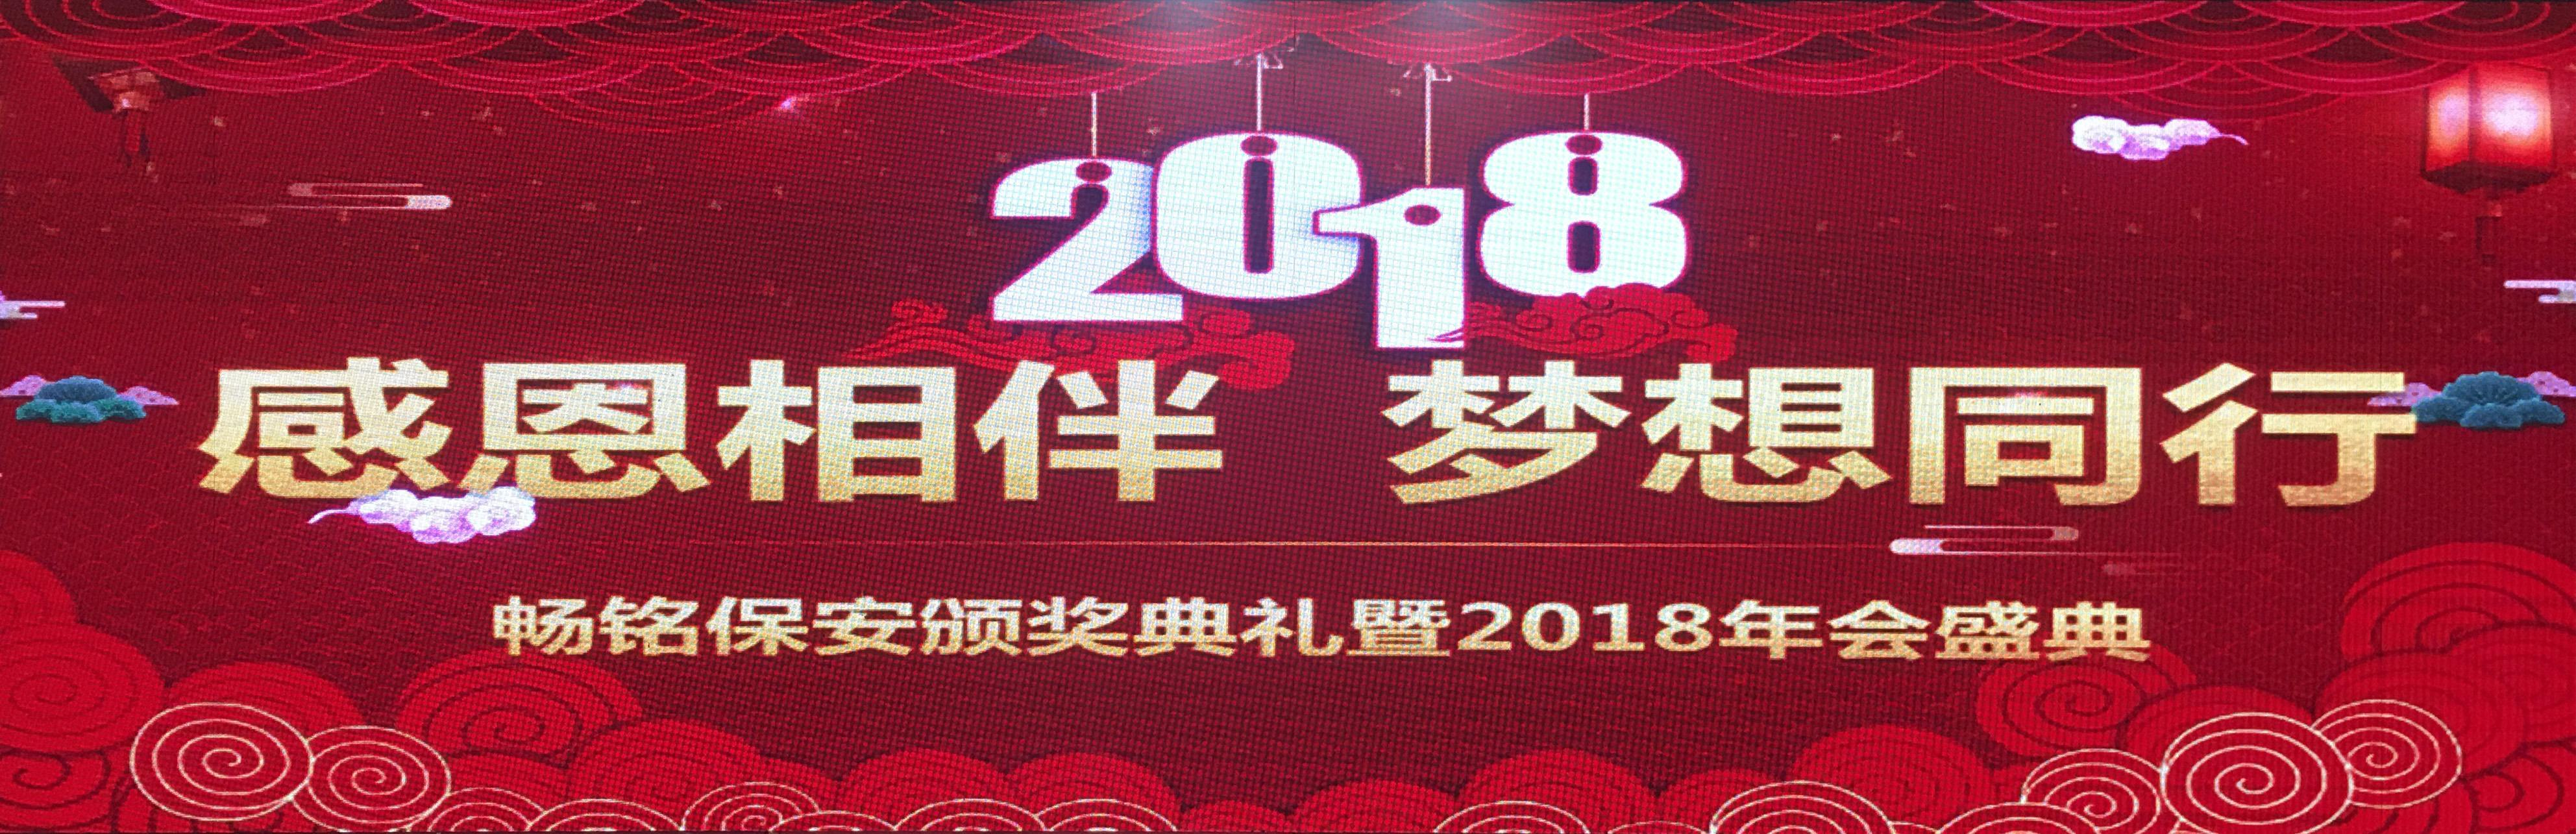 """畅铭保安""""感恩相伴 梦想同行""""2018年会盛典圆满落幕"""